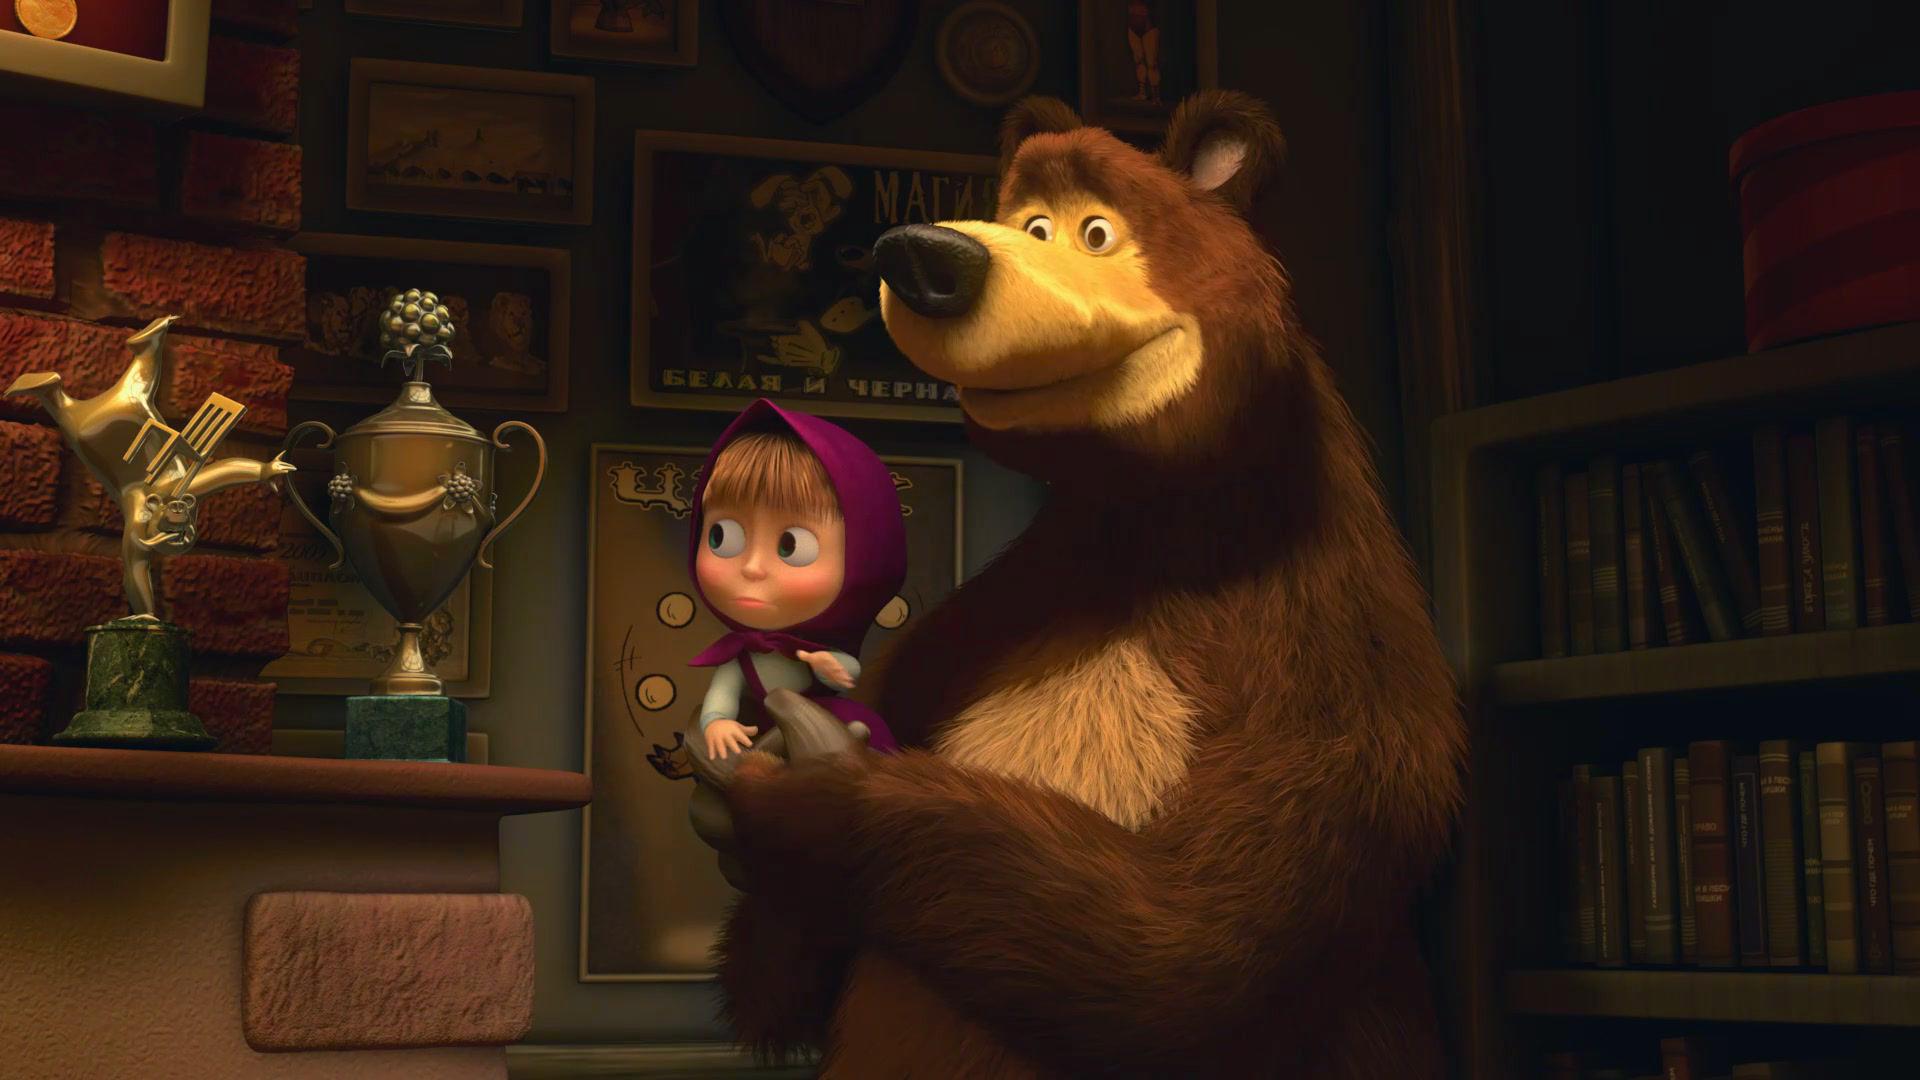 Маша и медведь в картинках смотреть